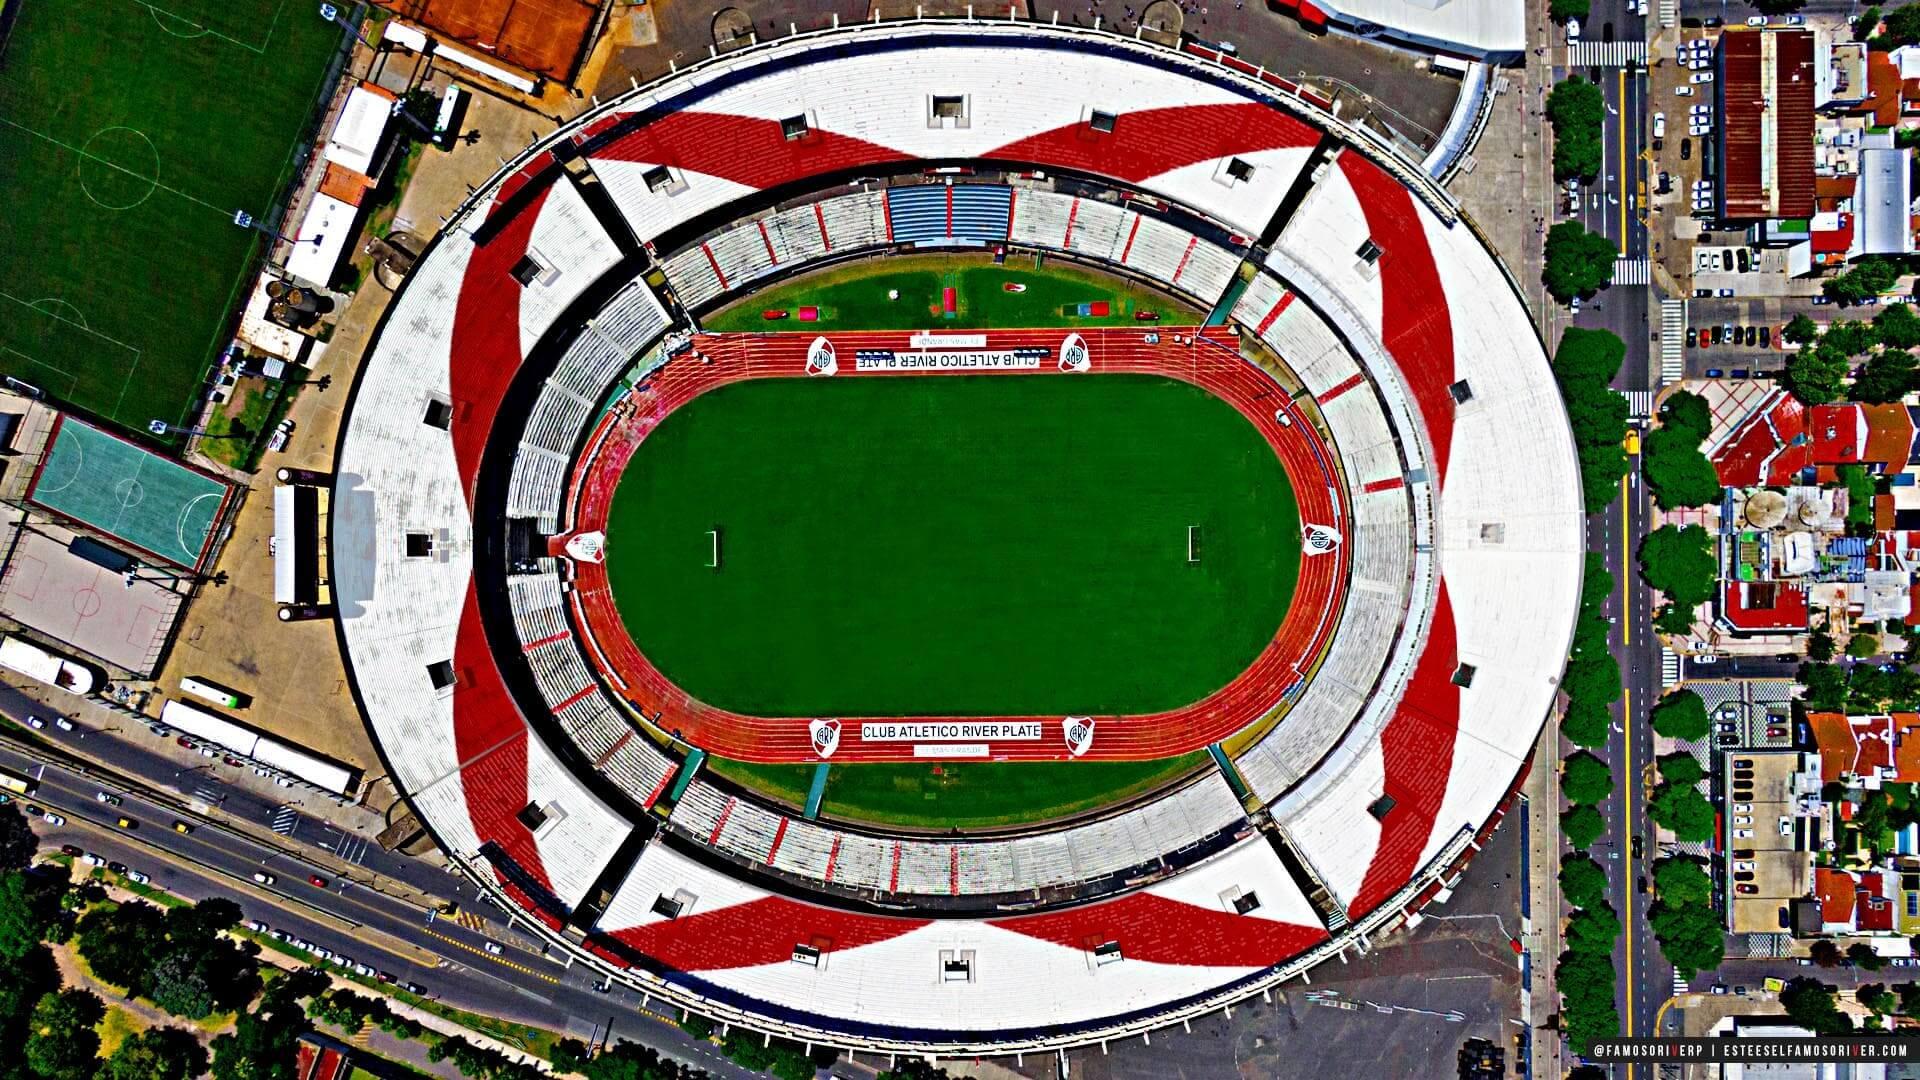 imagenes-de-river-plate-para-fondos-de-pantalla-wallpaper-de-river-estadio Monumental desde arriba vista cenital, Estadio Vespucio Liberti